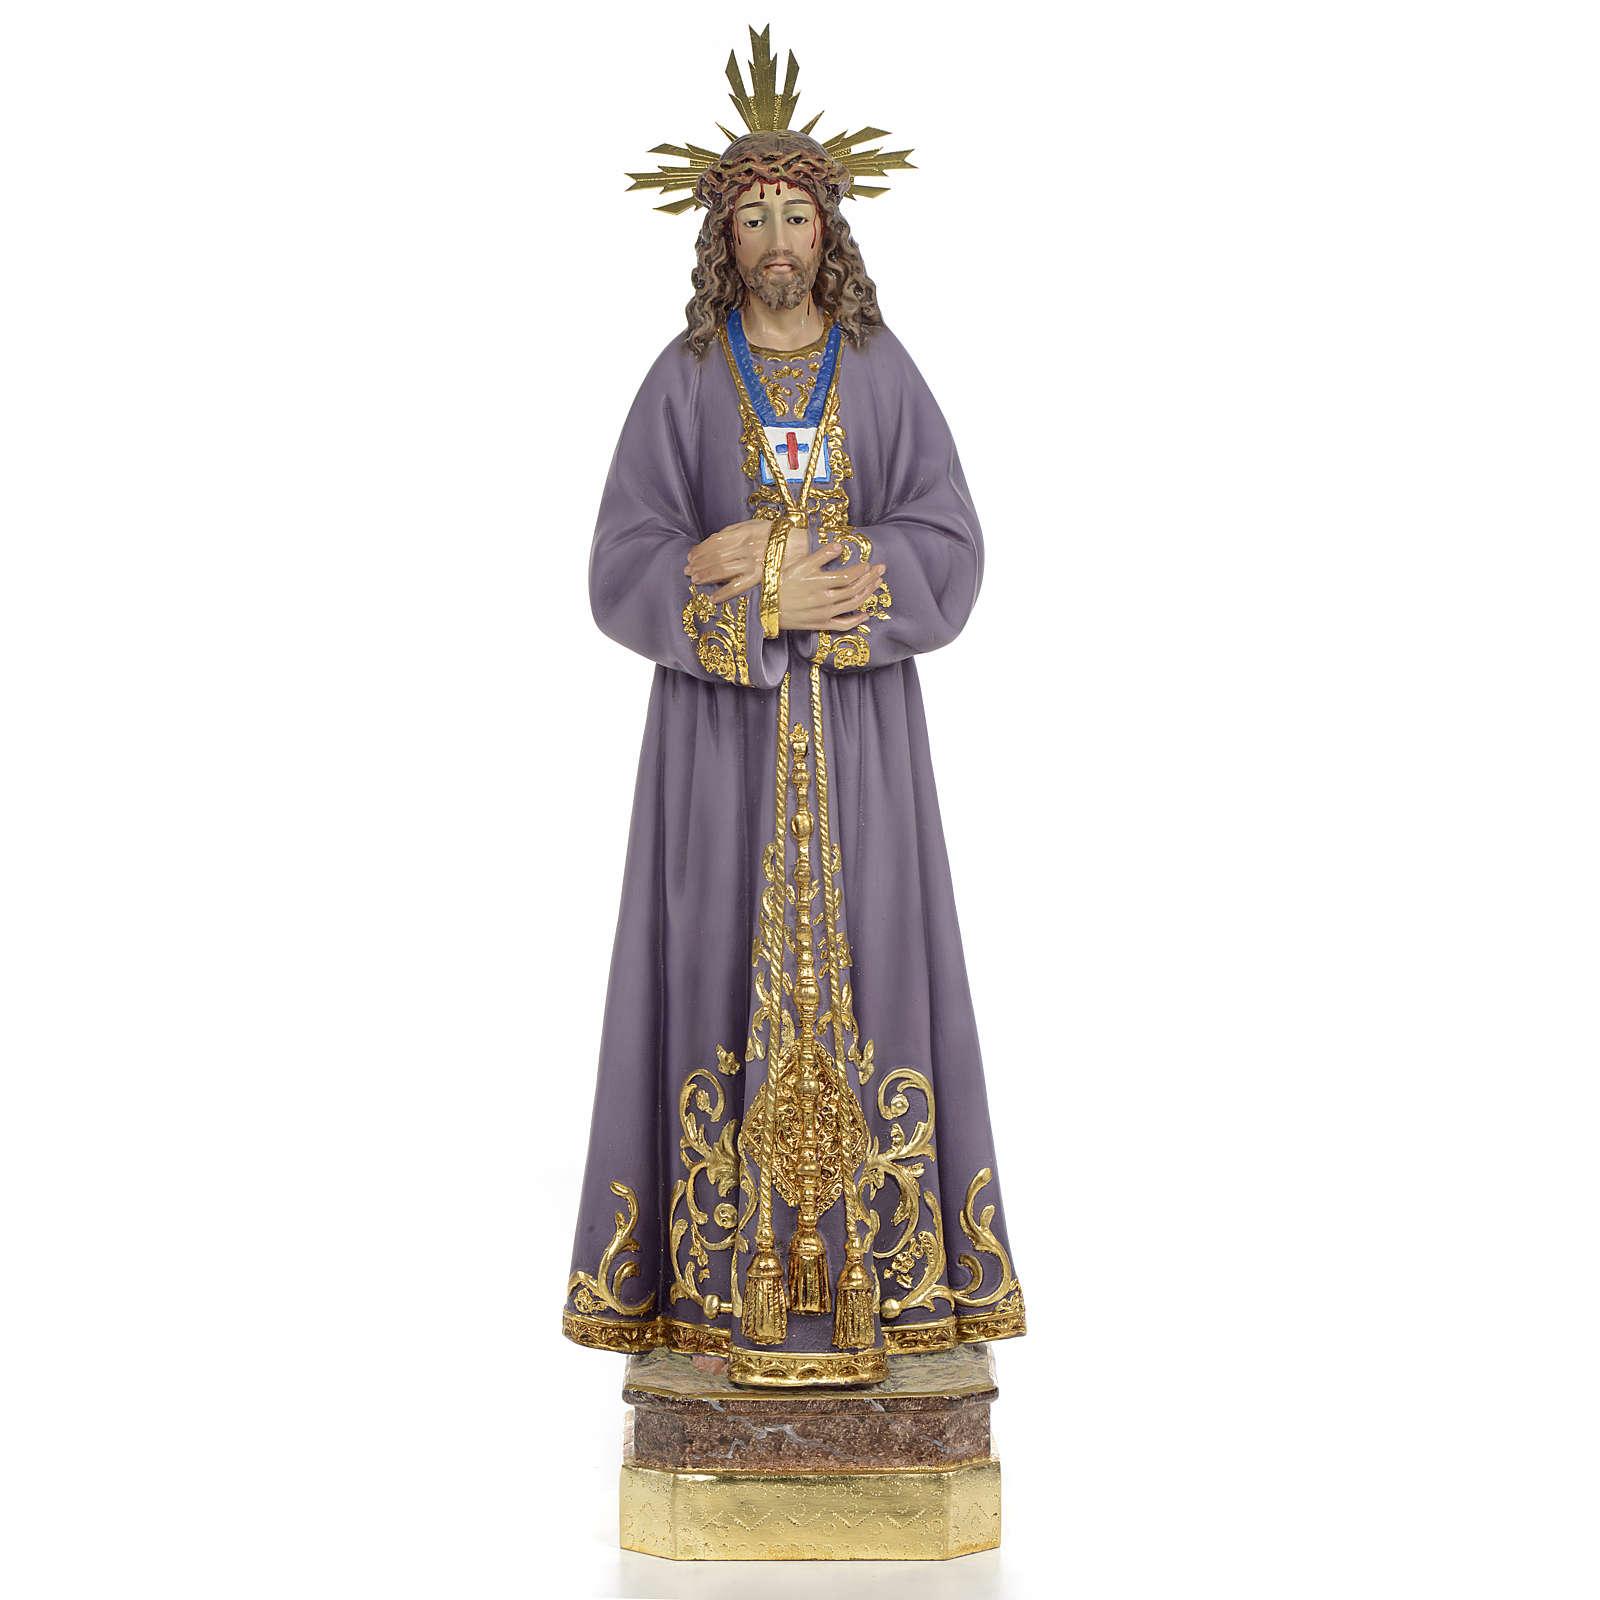 Gesù di Nazaret di Medinaceli 50 cm pasta di legno dec. superio 4